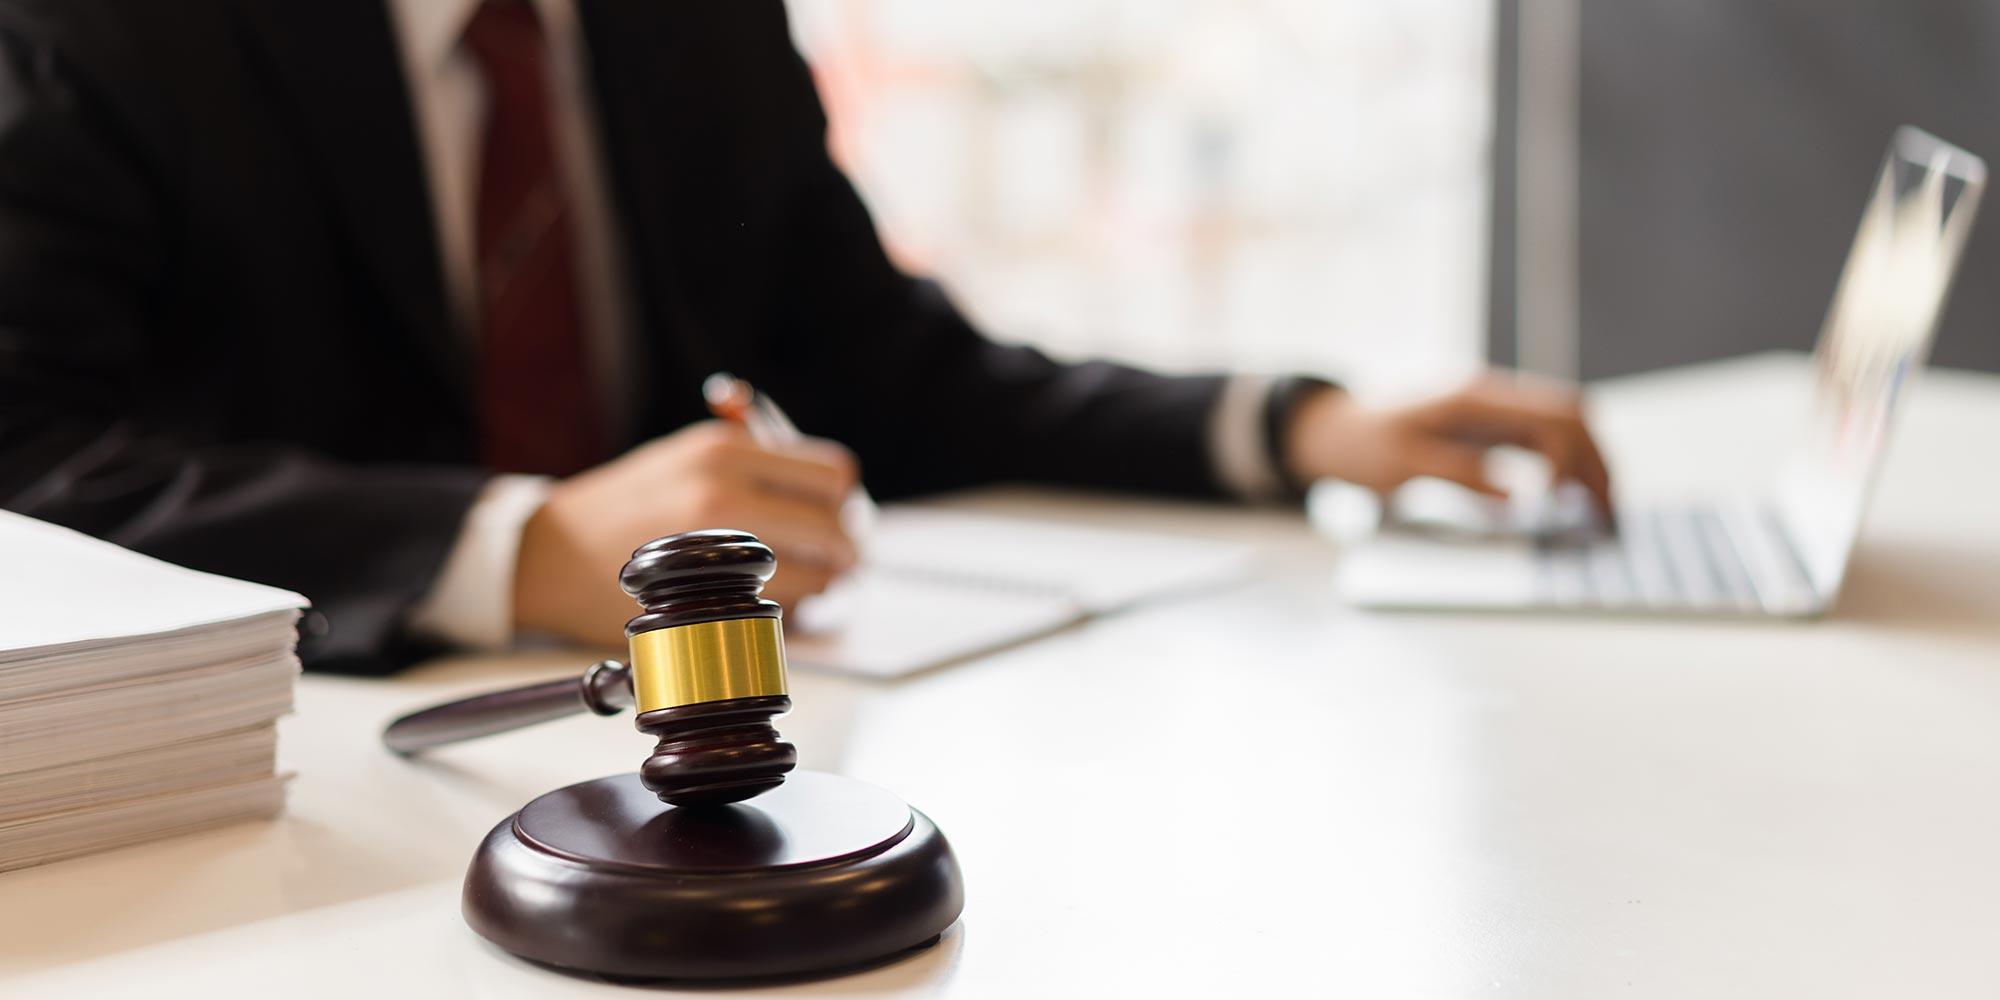 Afinal, o que é o Direito 4.0?